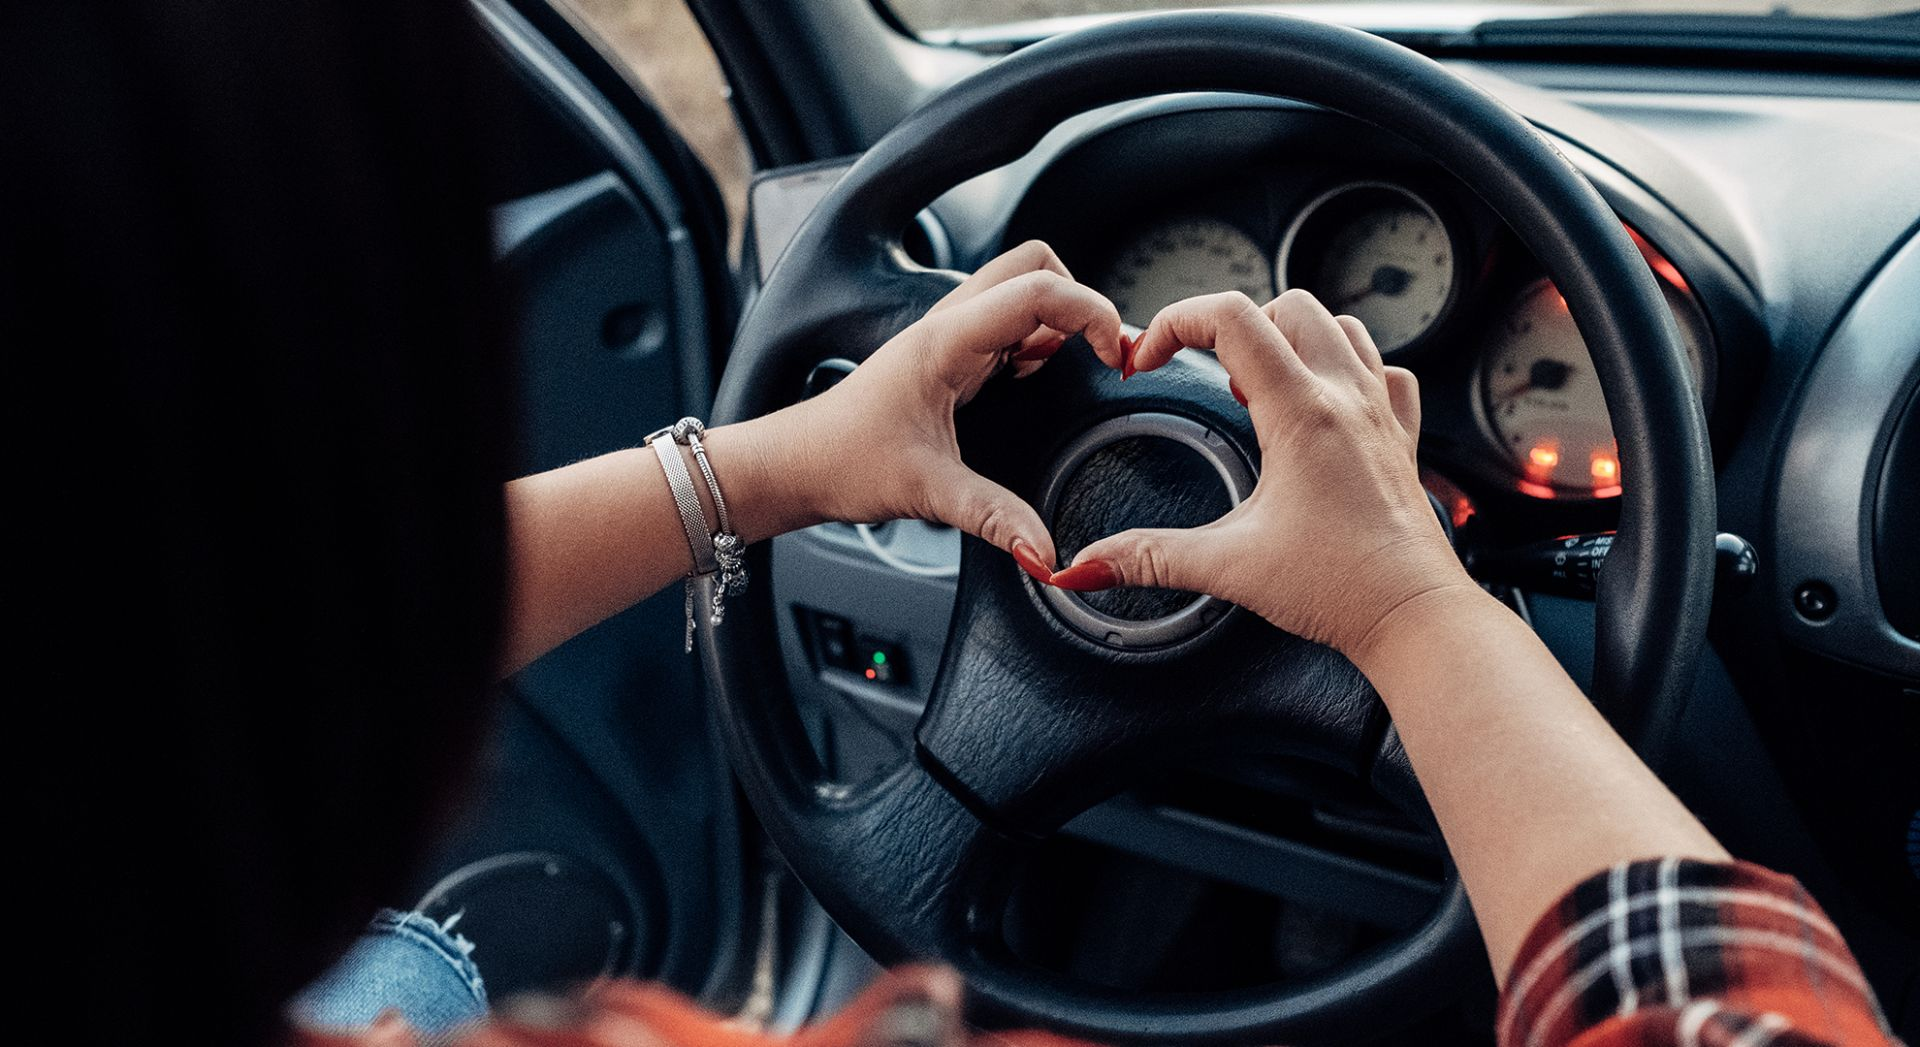 kädet sydämen muodossa auton ratin päällä